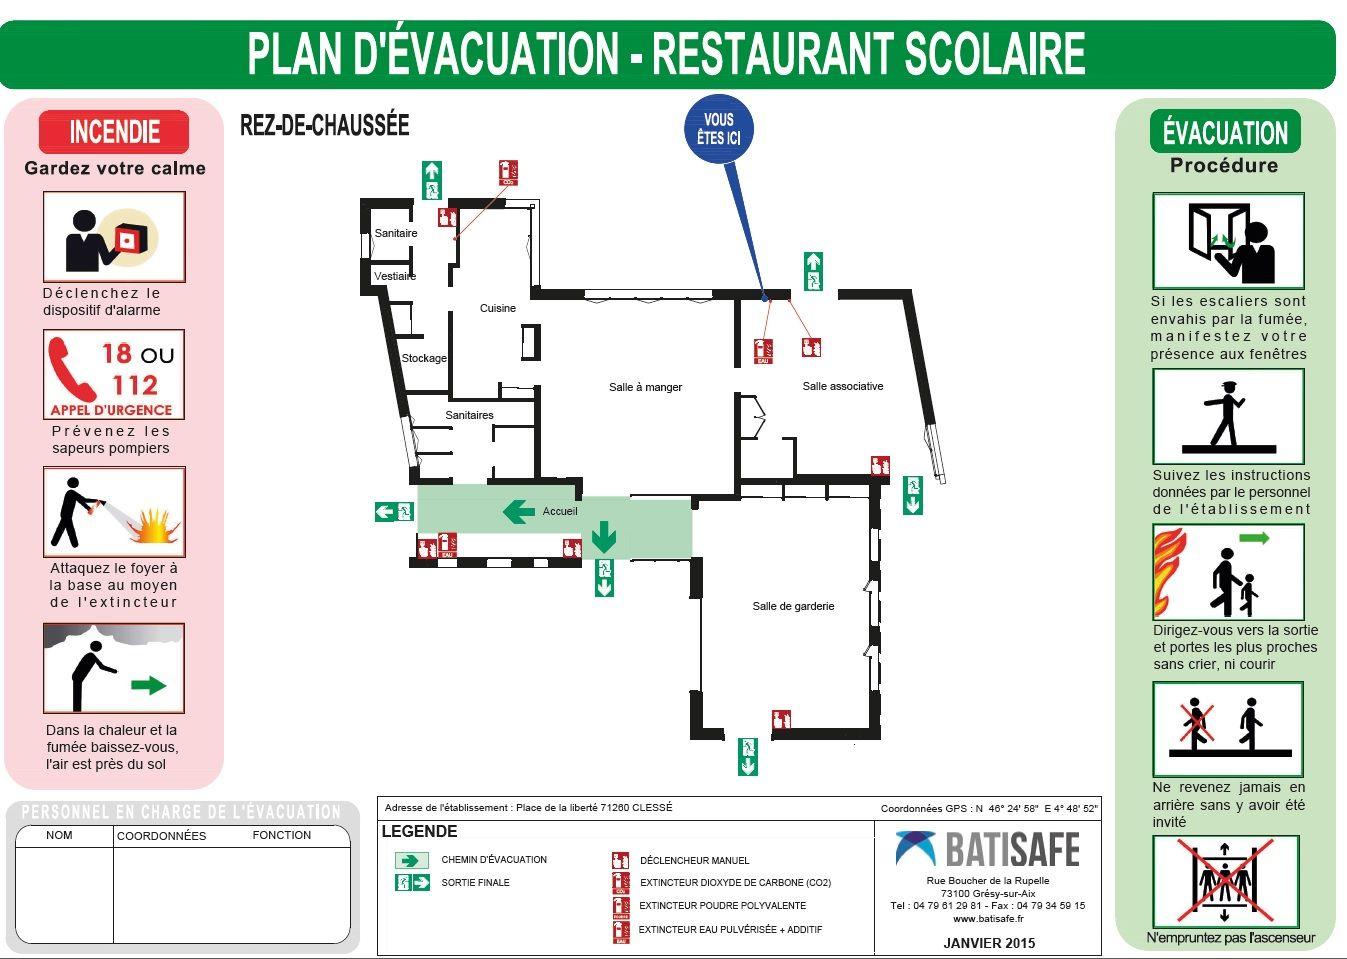 Affichage De Securite Incendie Par Batisafe Plans D Evacuation Plans D Intervention Consignes Realise Par Des Inge Safety Instructions Instruction Diagram